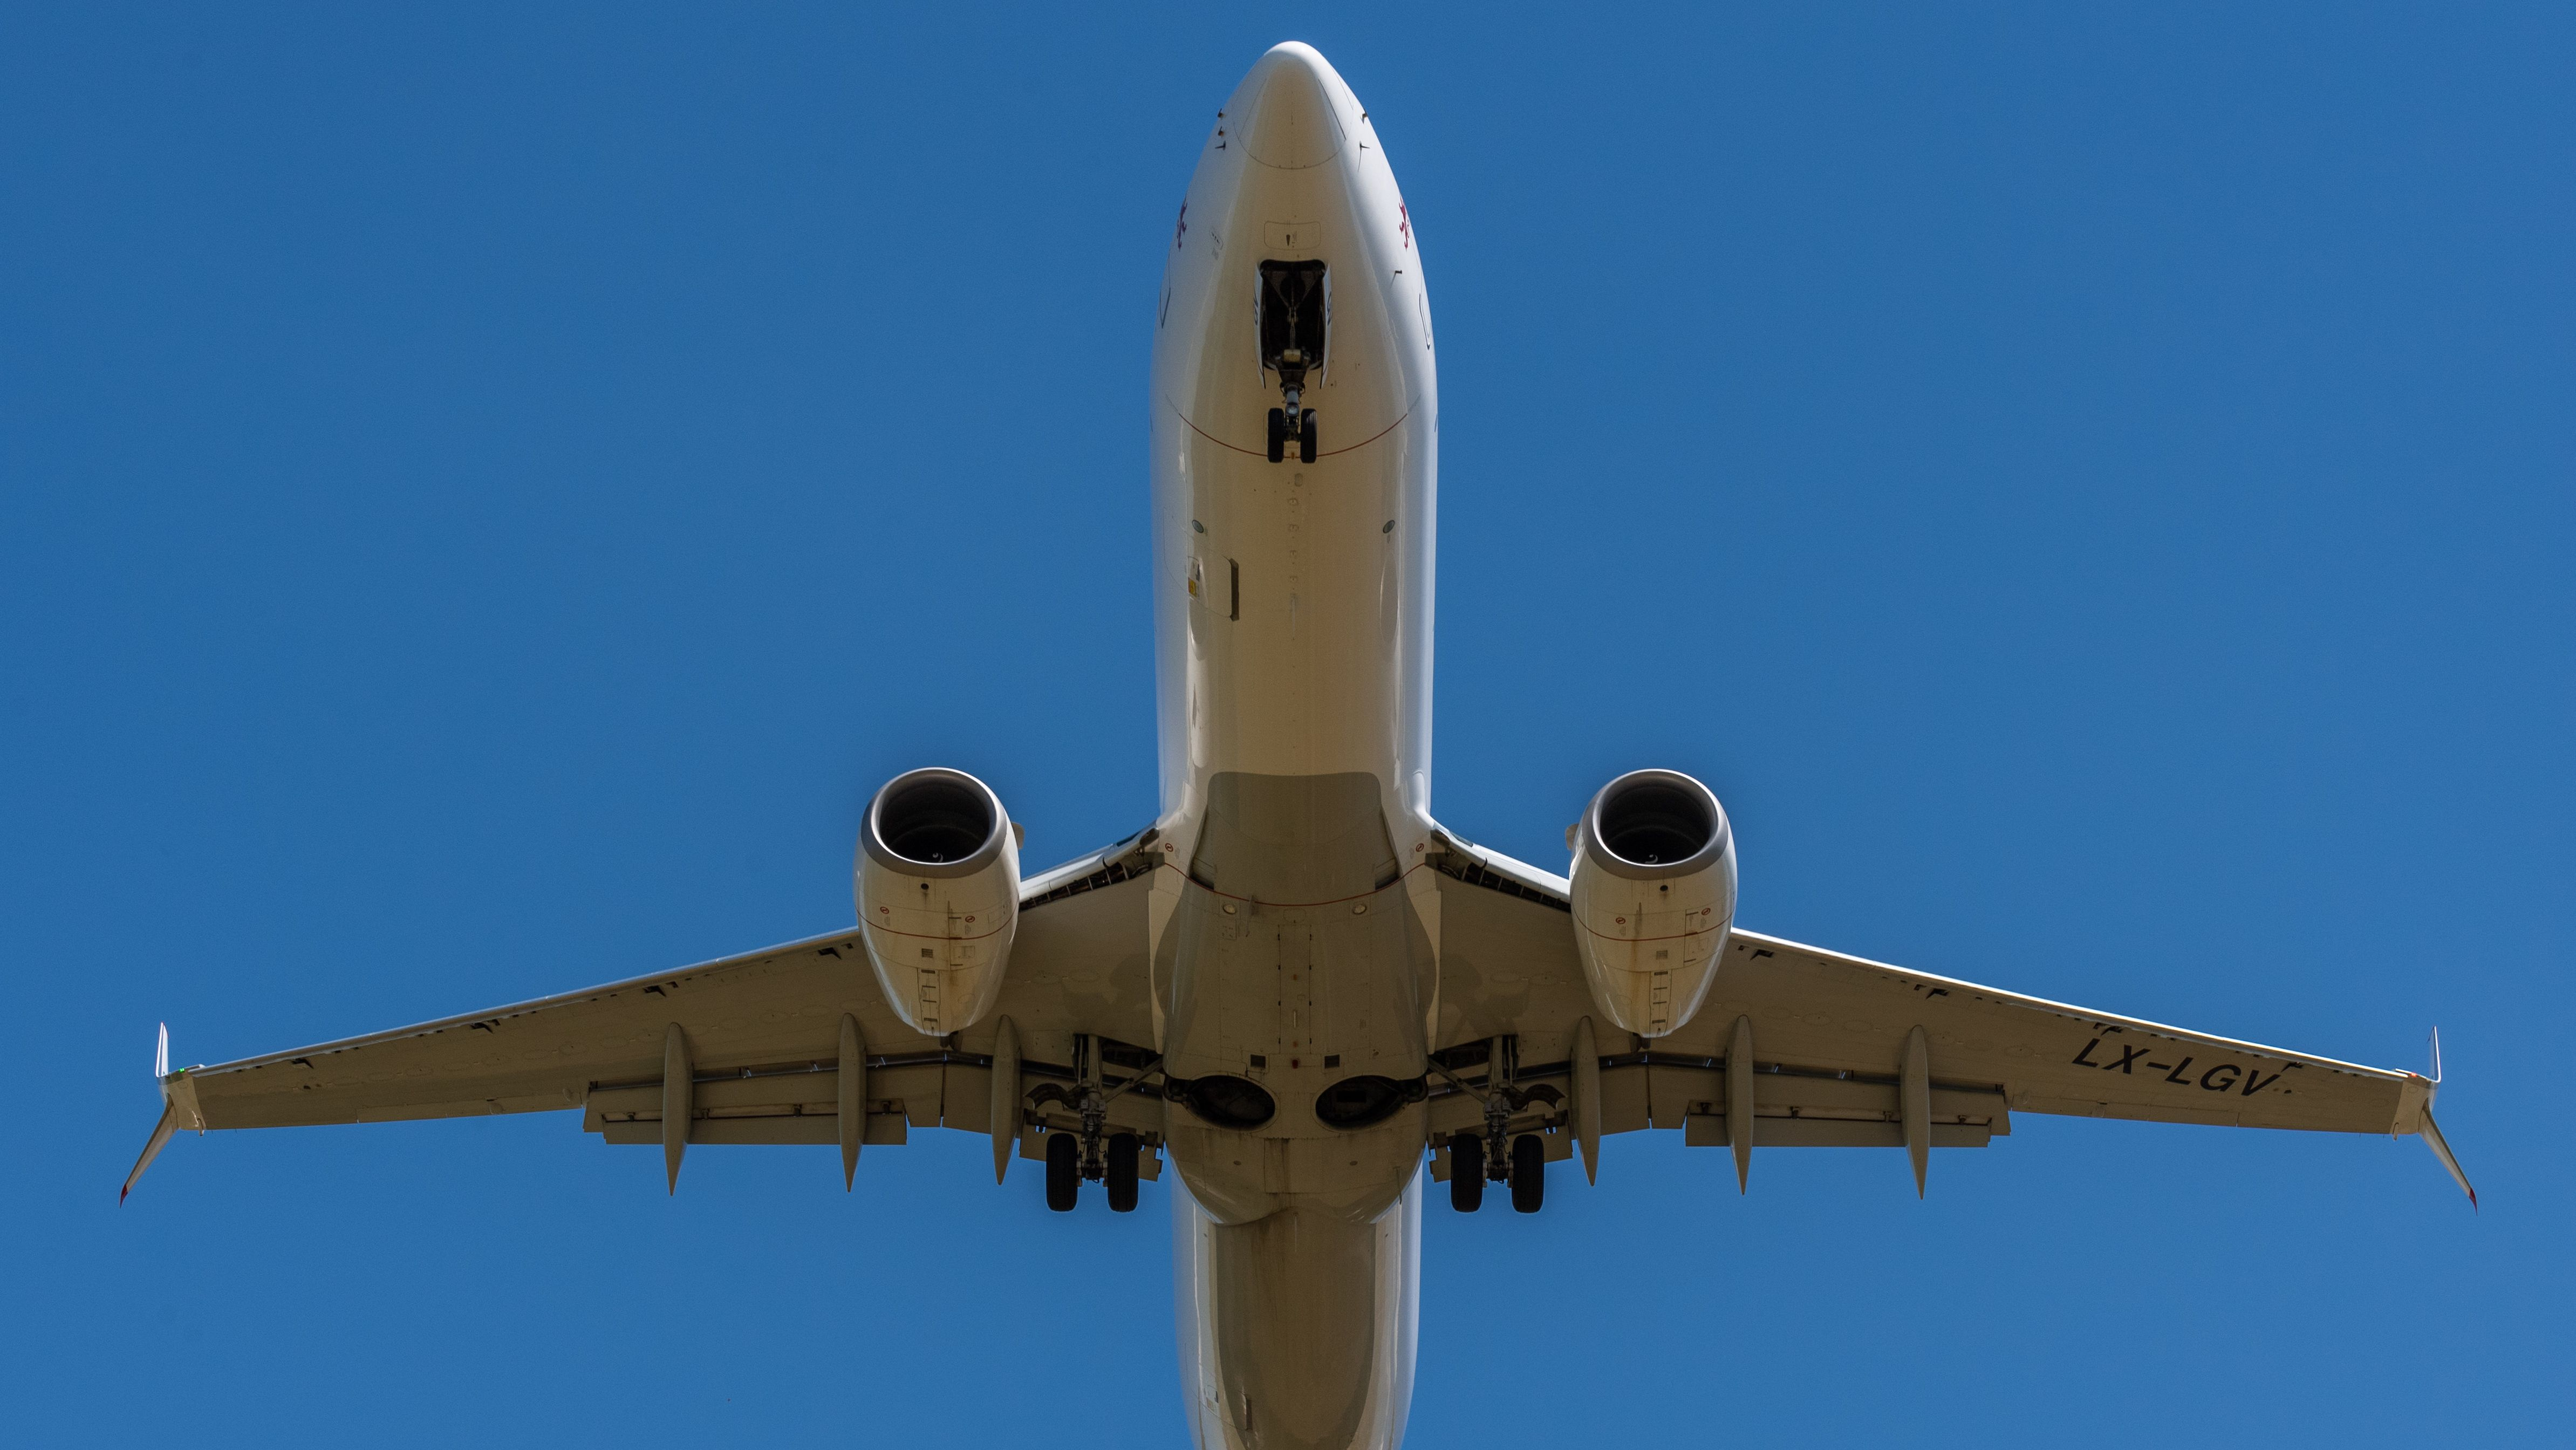 Ein Flugzeug der Fluggesellschaft Luxair vom Typ Boeing  im Landeanflug